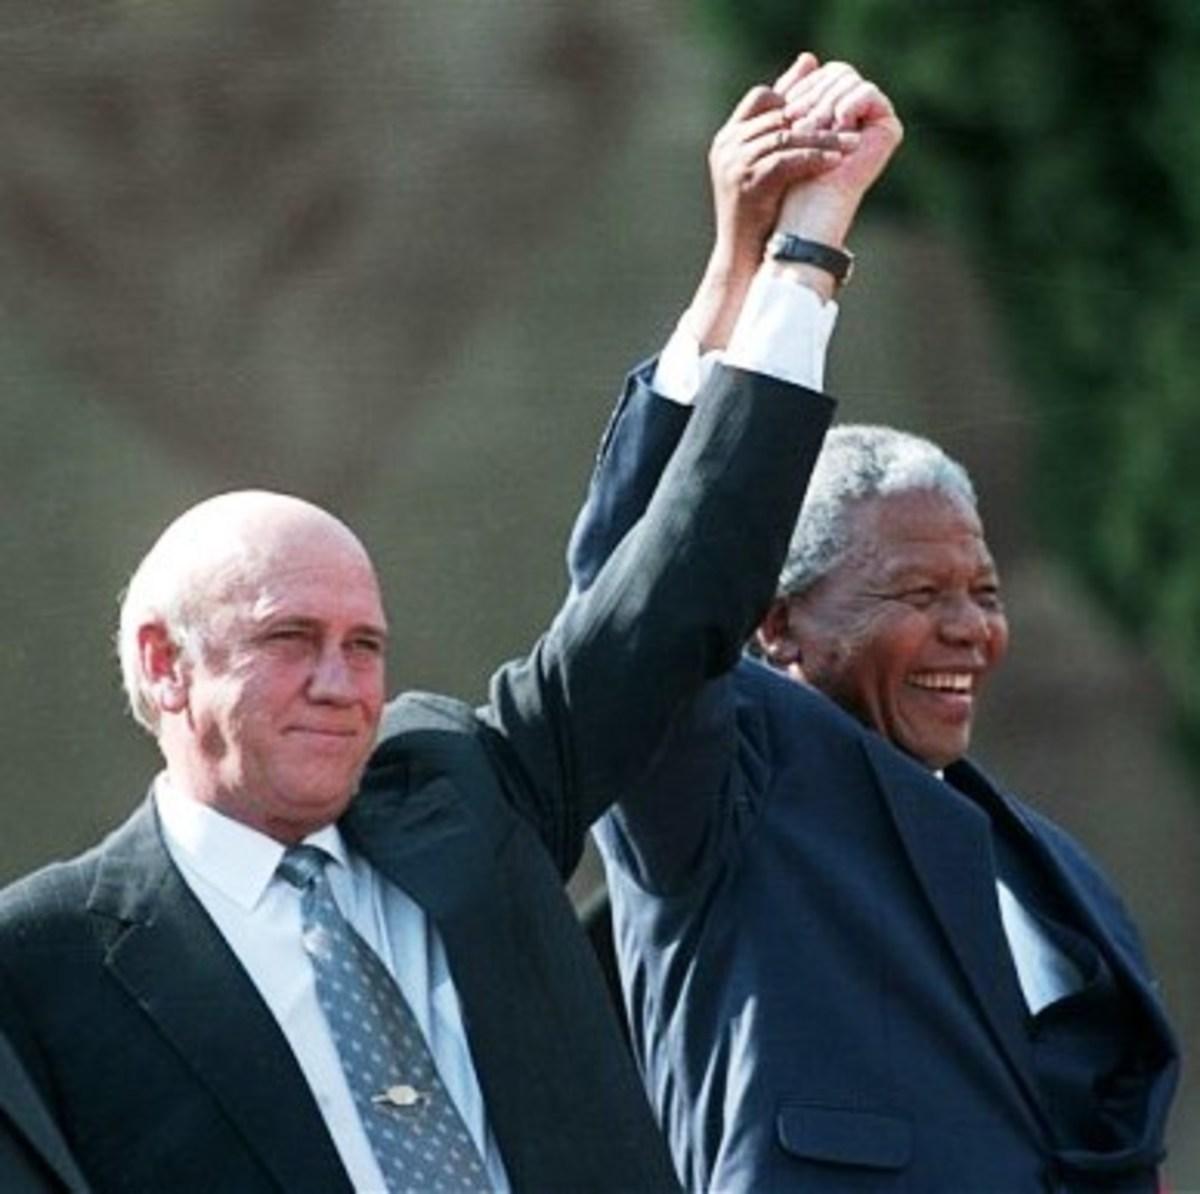 FW de Klerk and Nelson Mandela won the 1993 Nobel Peace Prize.